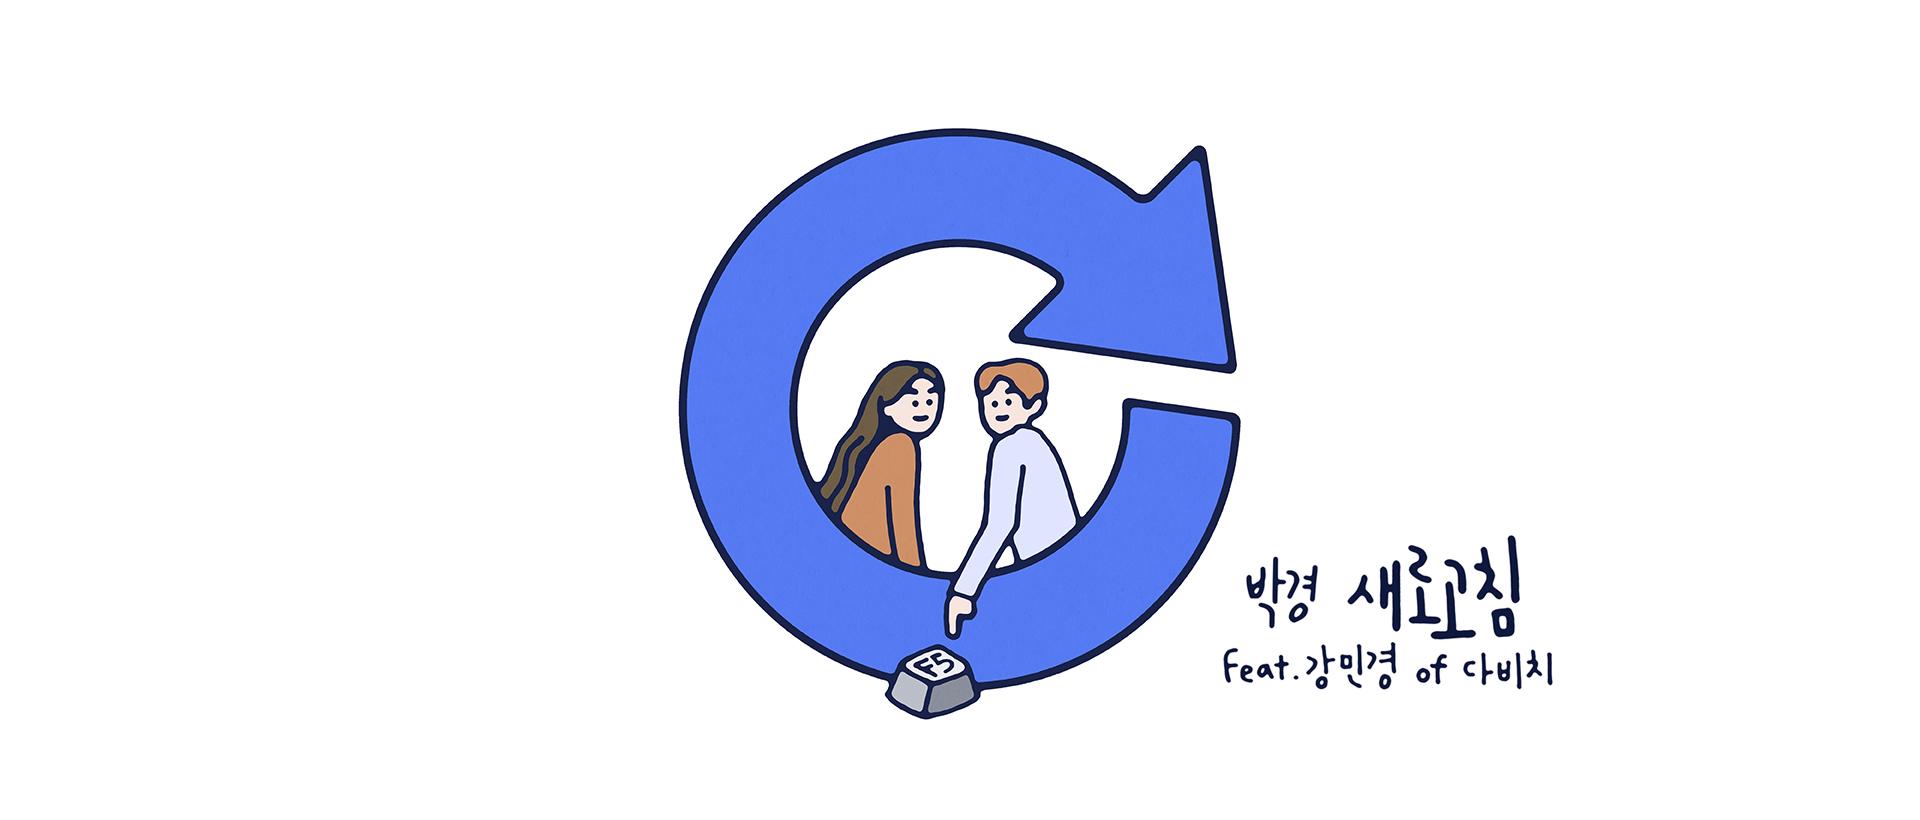 새로고침 (Feat. 강민경 of 다비치)